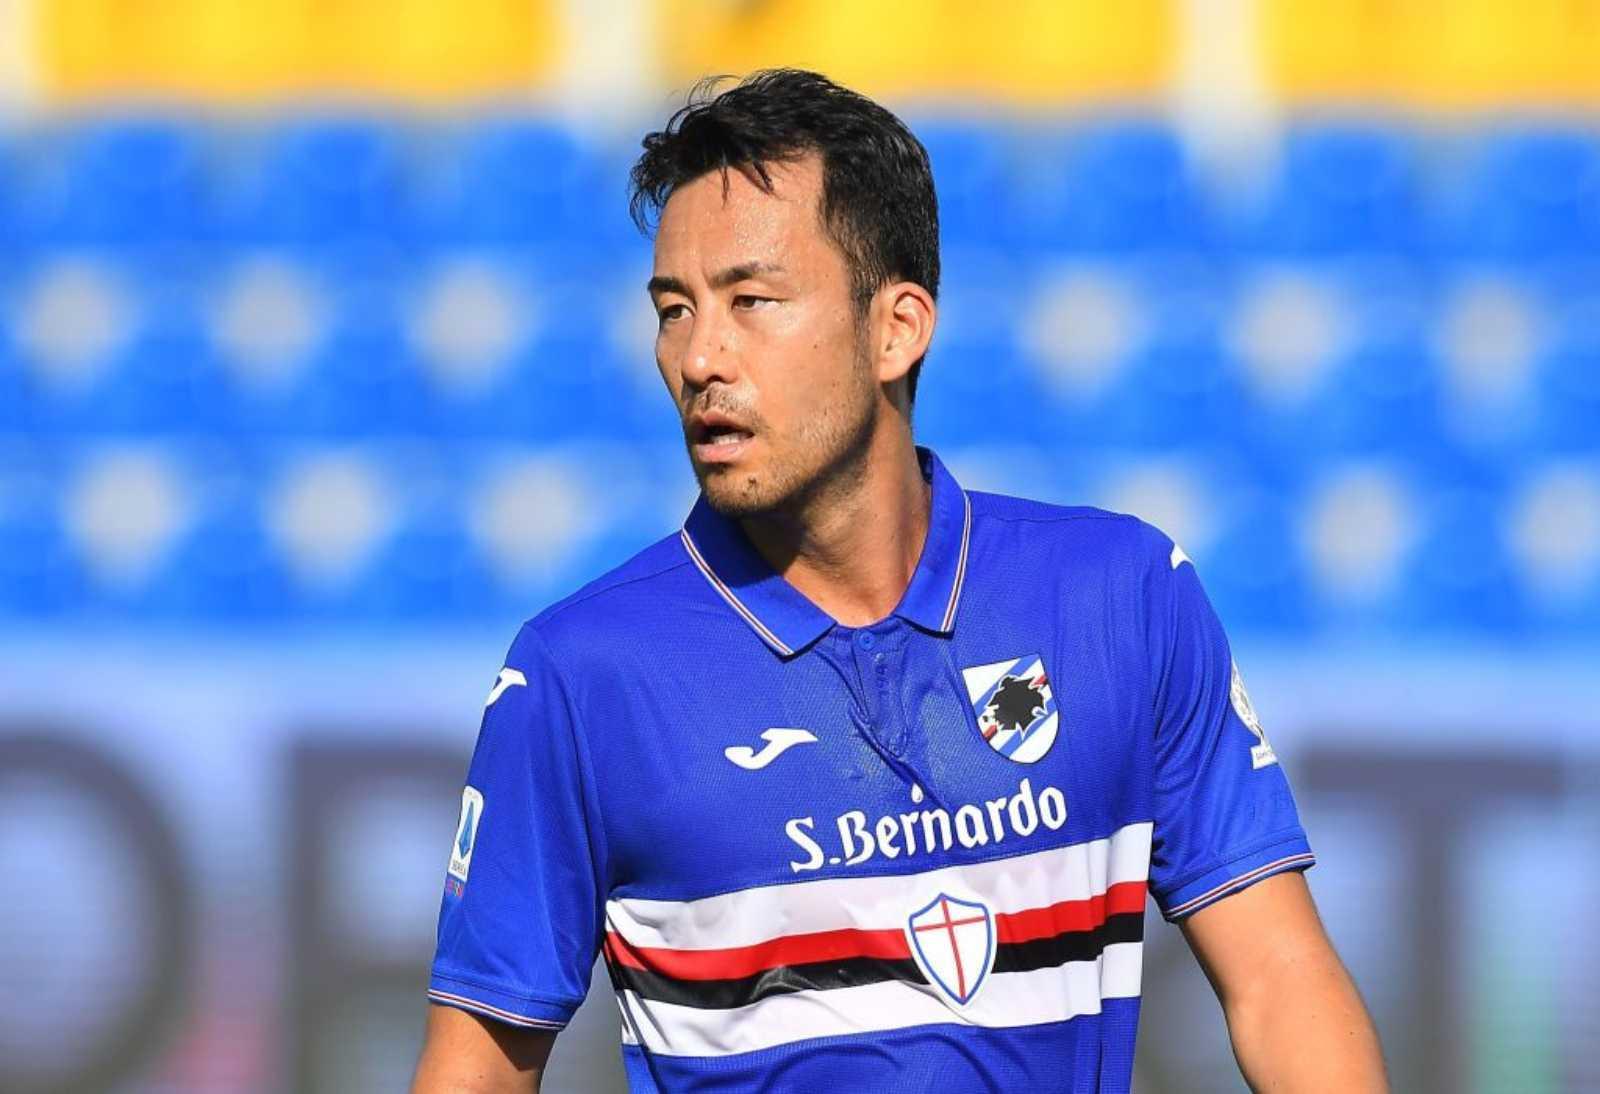 Serie A, giornata 7: 5 difensori da schierare al fantacalcio